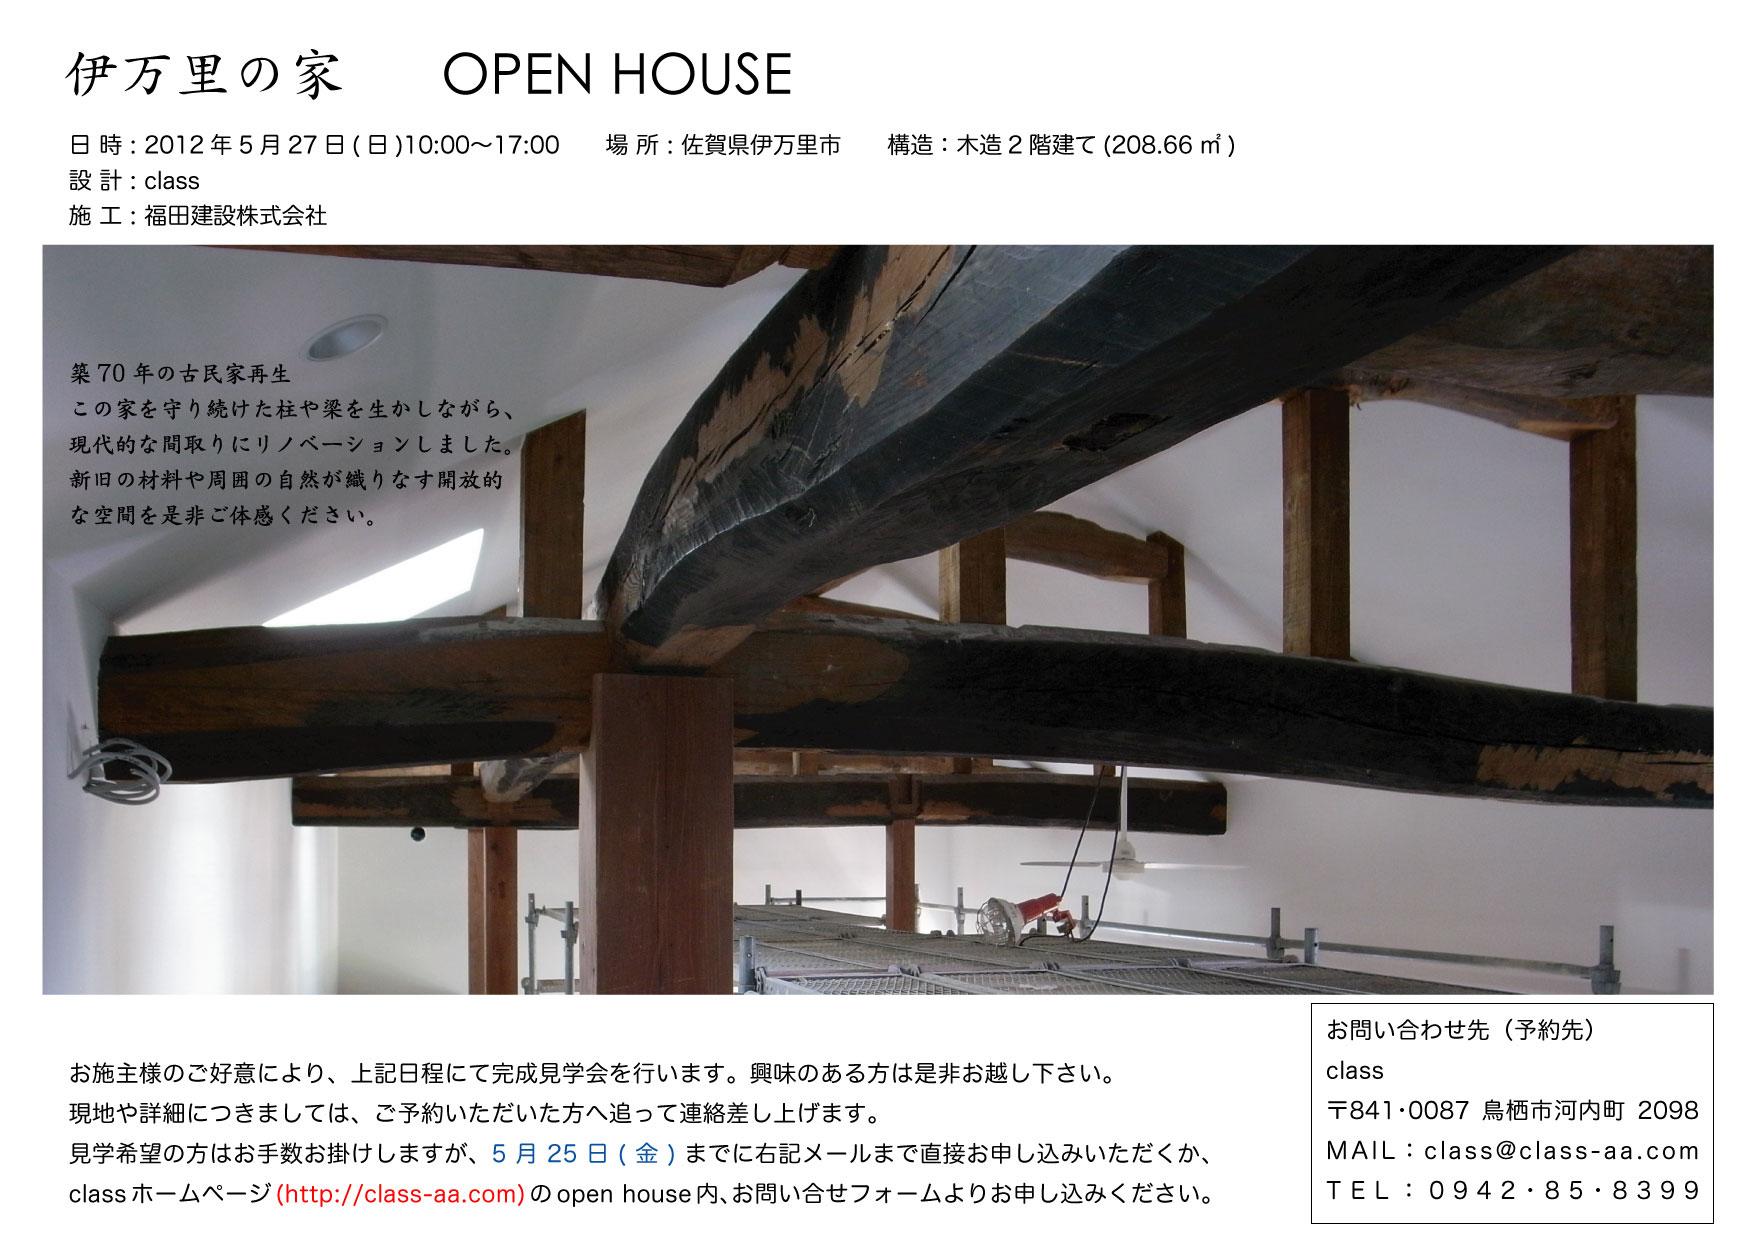 伊万里の家 オープンハウス